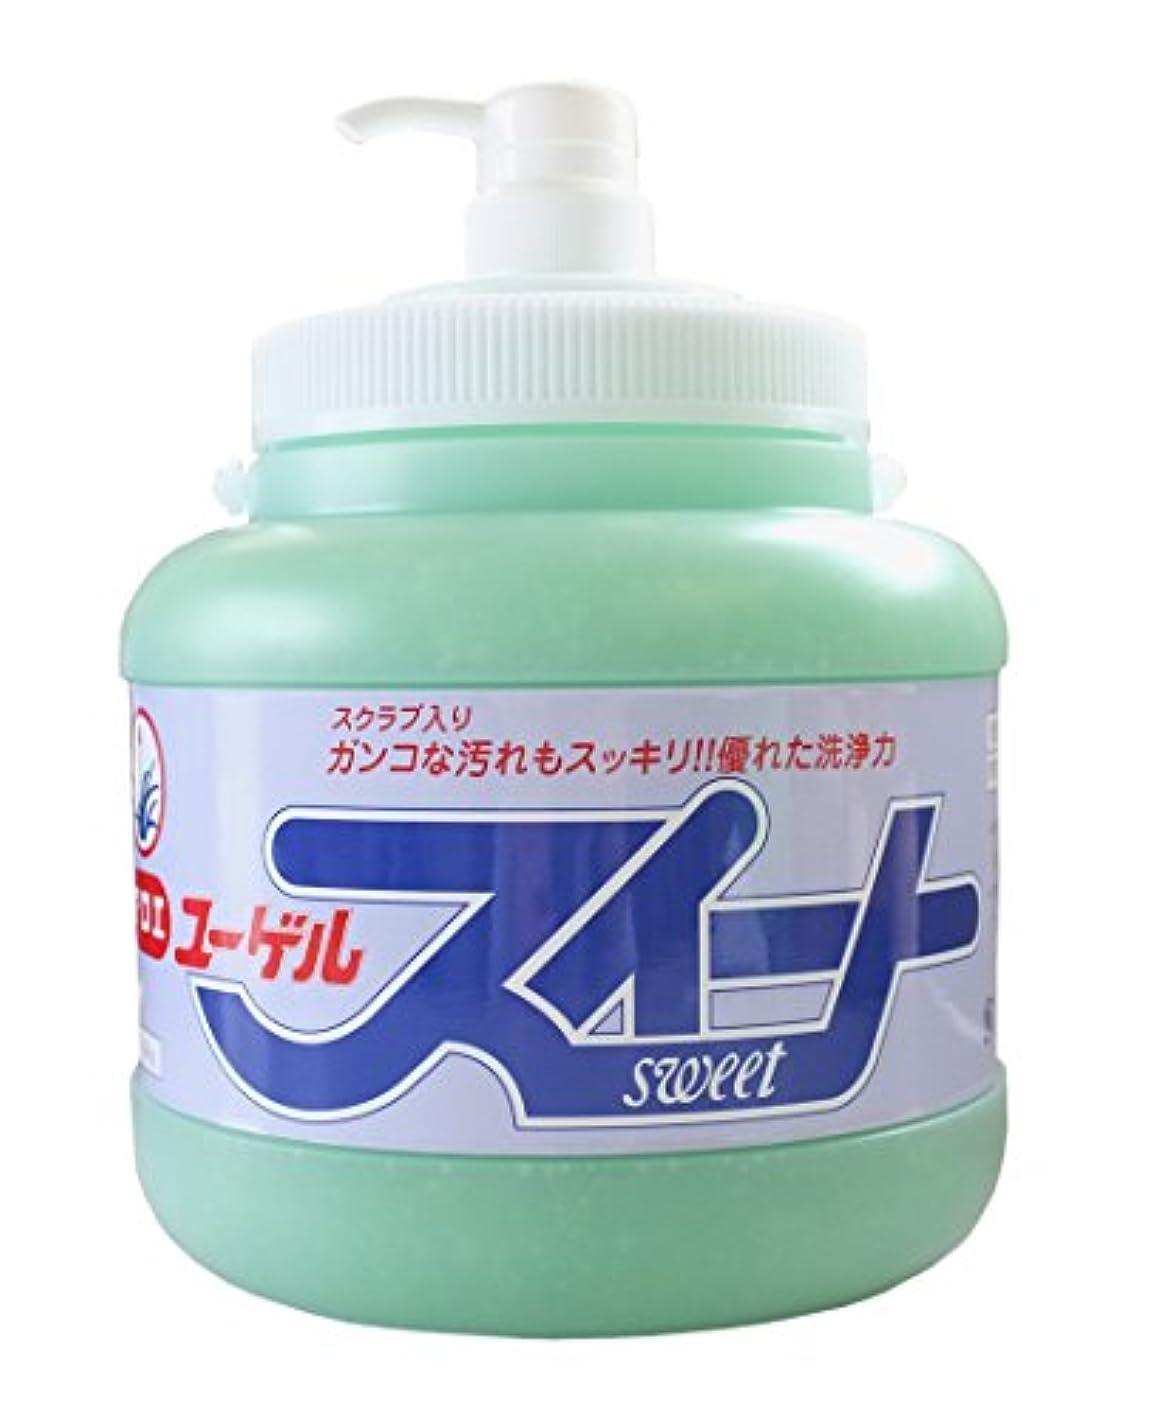 義務的デマンドポーク手の汚れや臭いを水なしで素早く落とす新洗剤。スクラブでガンコな油汚れもサッと落とす!ユーゲルスイート[ポンプ式]2.5kg×1本